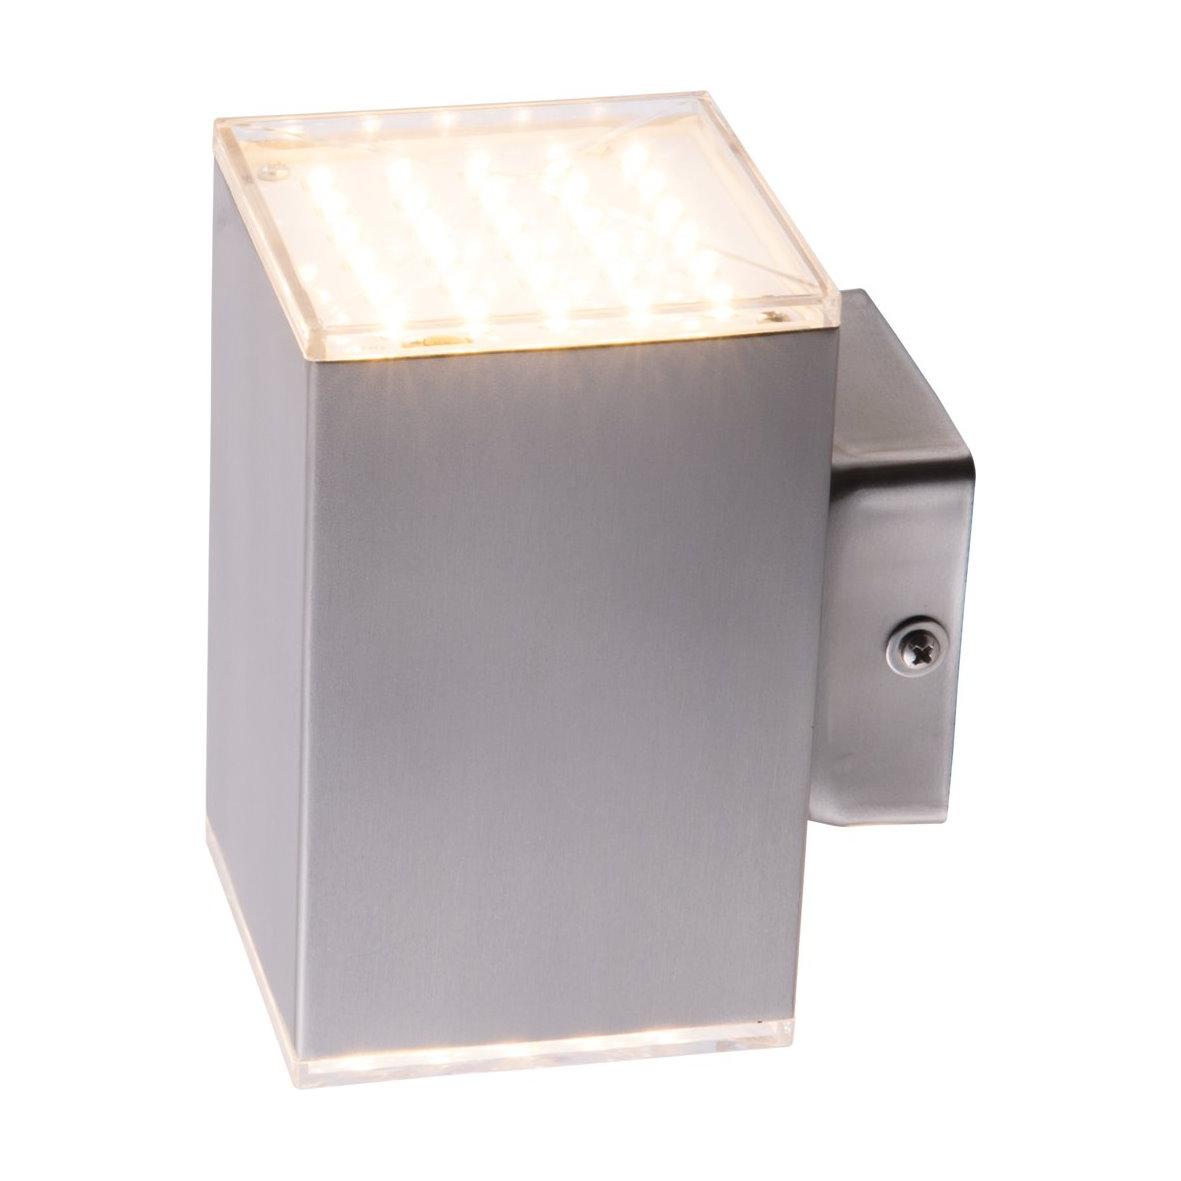 LED SMD Außen Wandleuchte KUBUS Wand Leuchte Strahler Wandlampe ...